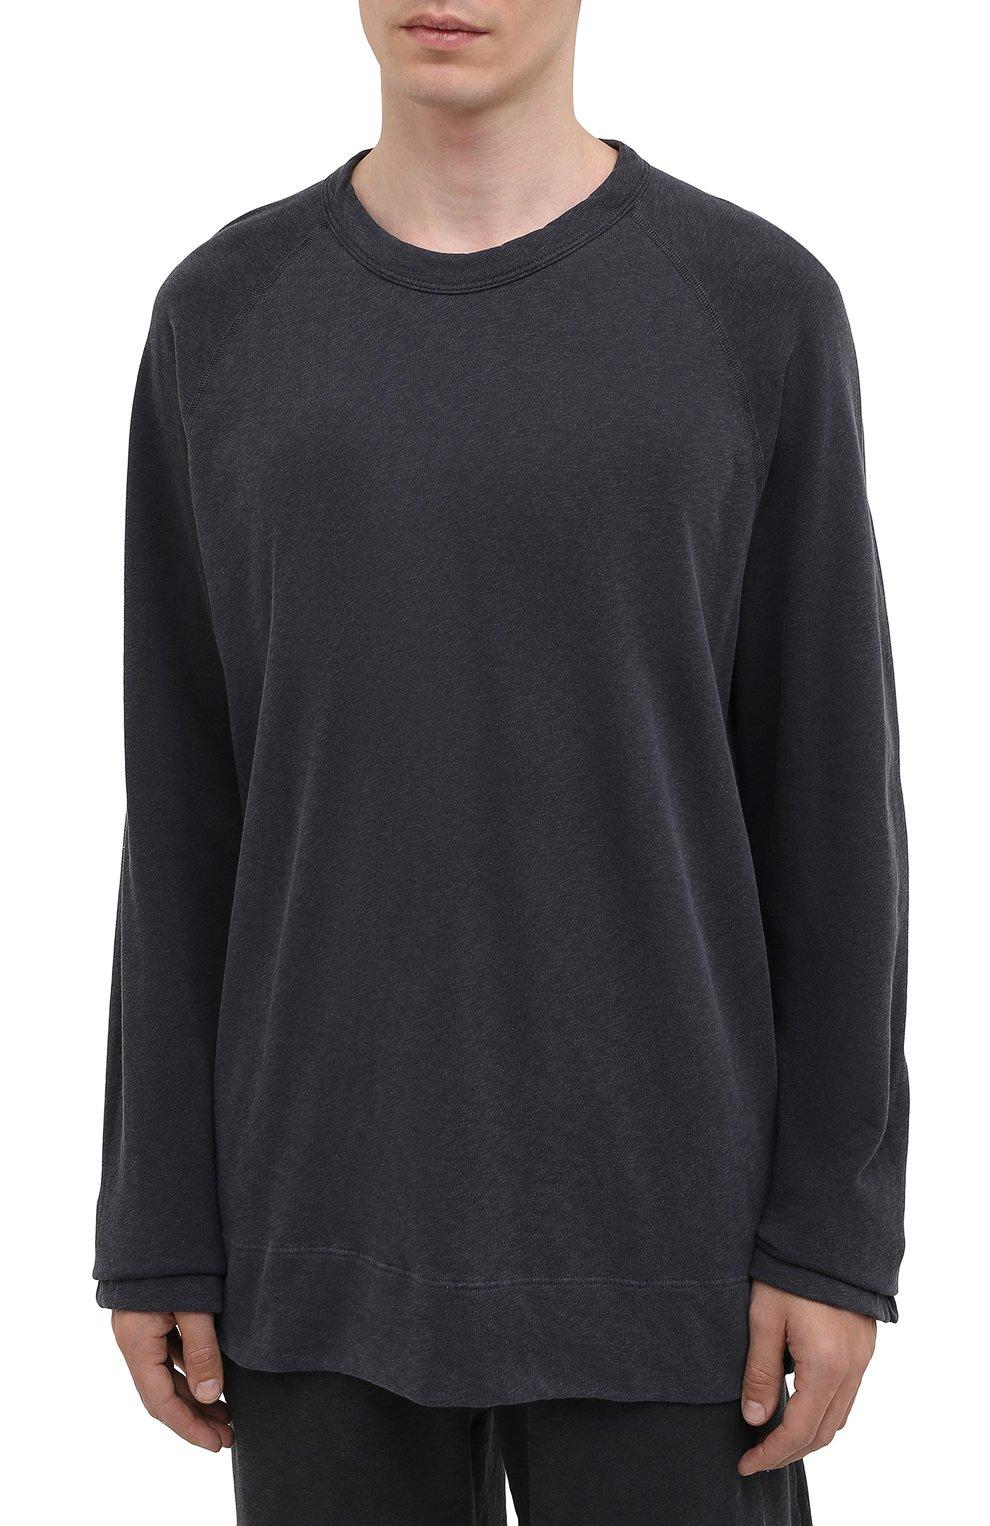 Мужской хлопковый свитшот JAMES PERSE темно-серого цвета, арт. MXA3278   Фото 3 (Рукава: Длинные; Принт: Без принта; Длина (для топов): Удлиненные; Мужское Кросс-КТ: свитшот-одежда; Материал внешний: Хлопок; Стили: Спорт-шик)